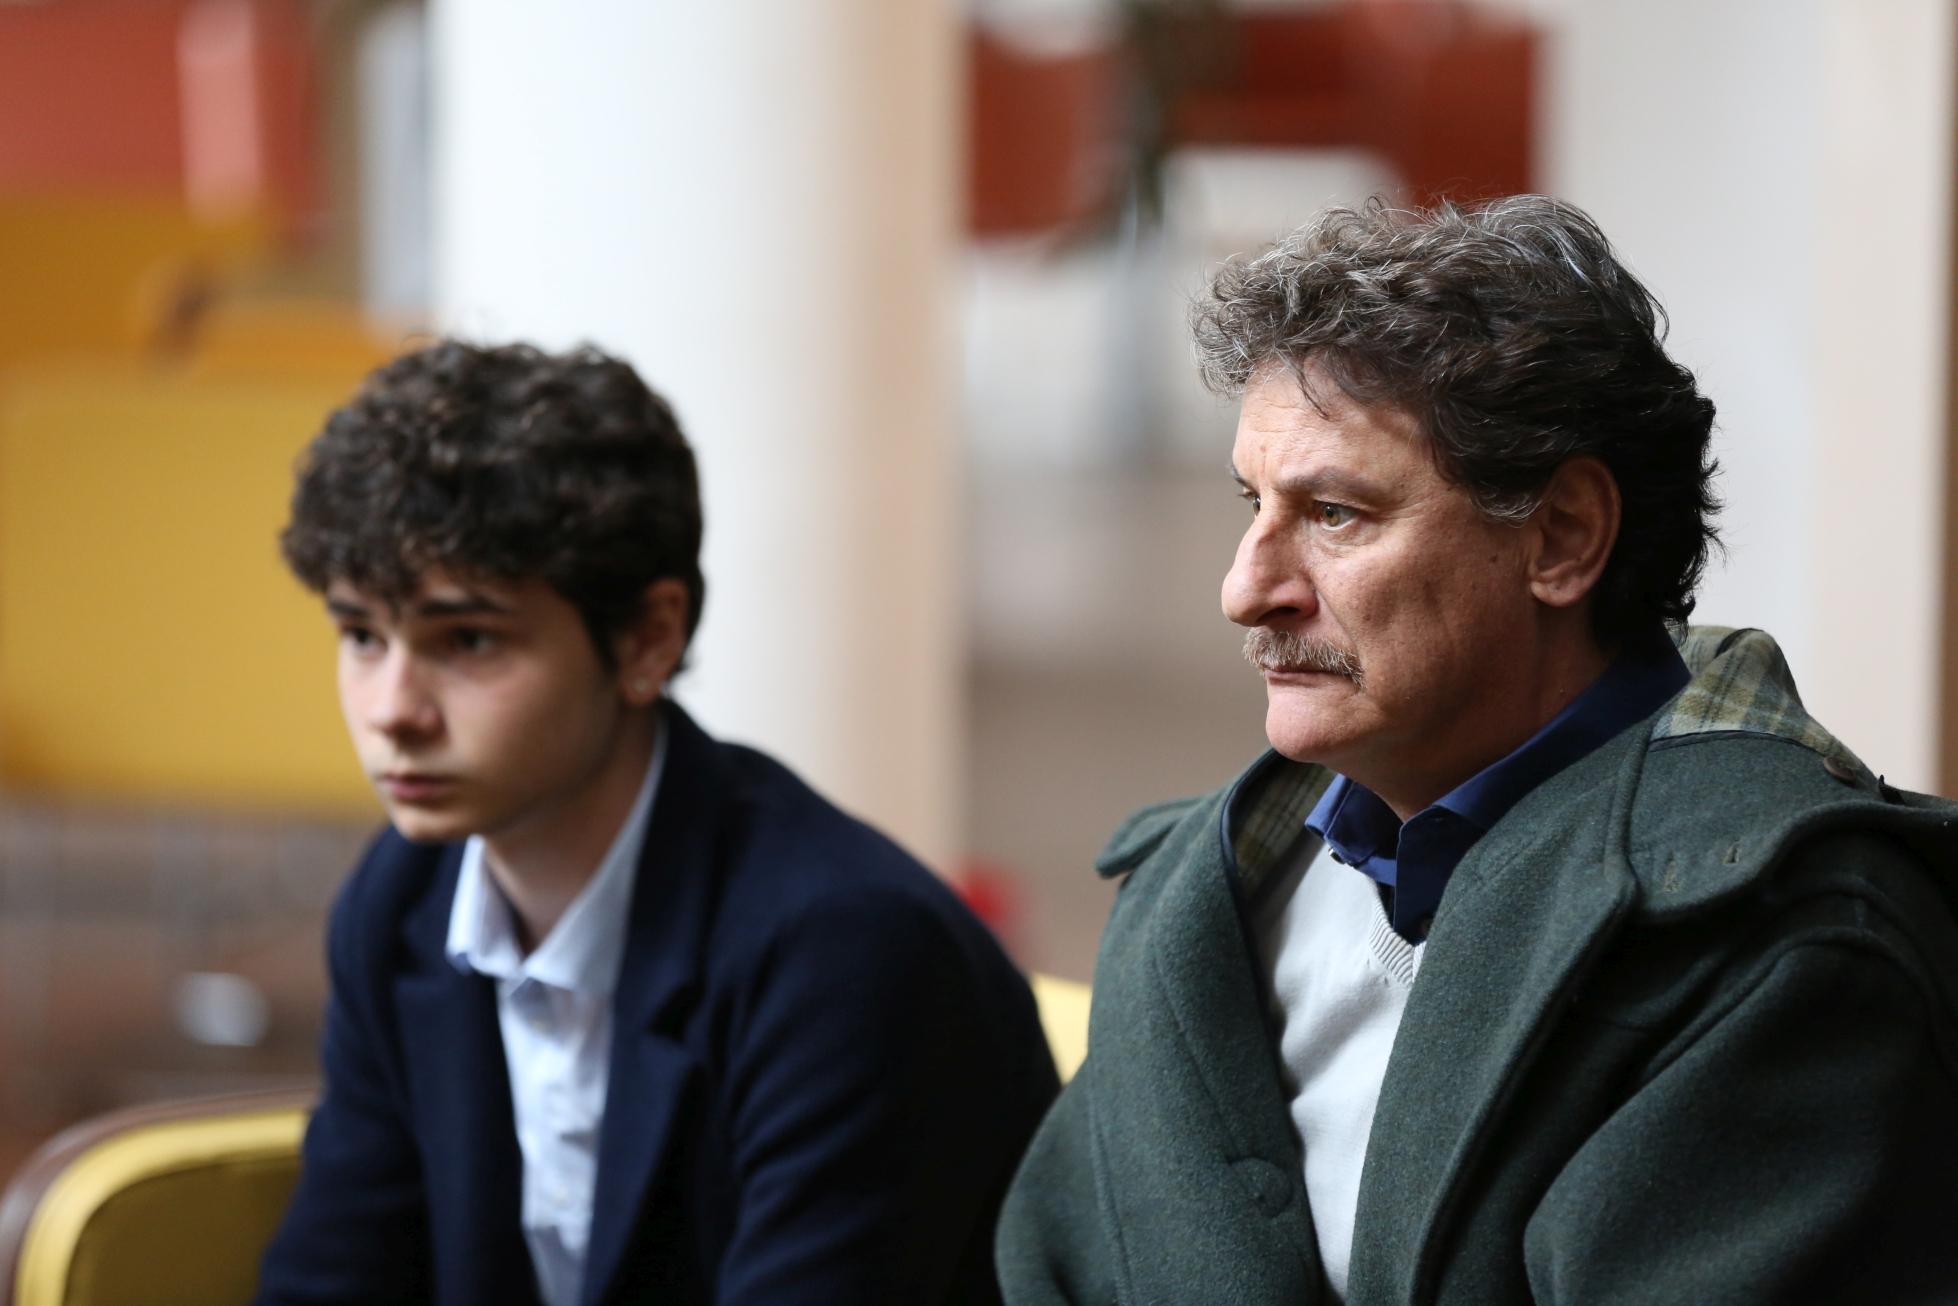 L'Aquila - Grandi Speranze: una scena della fiction con Giorgio Tirabassi